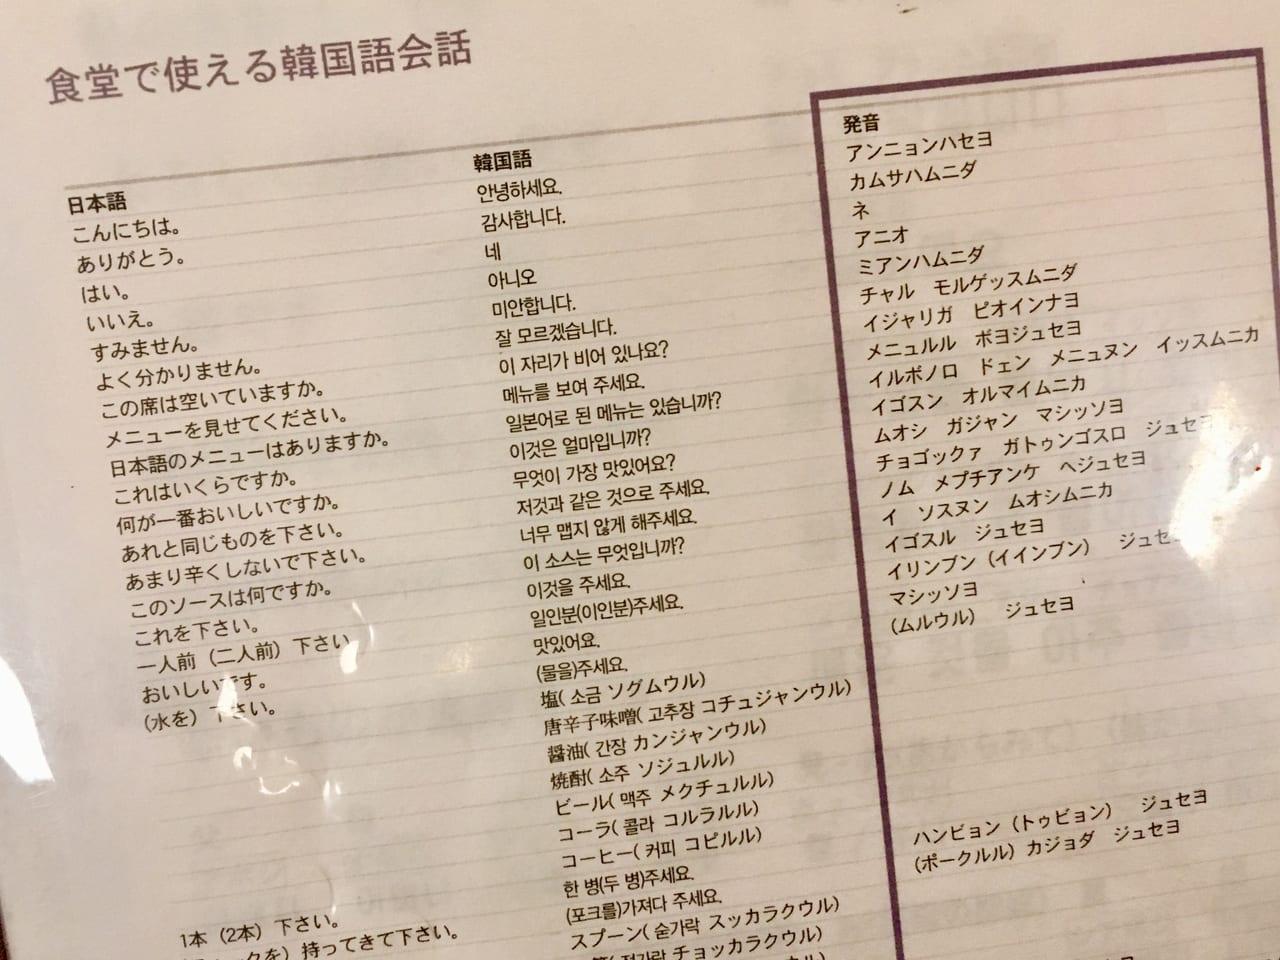 「食道園」のメニュー表裏面に書かれている韓国語会話